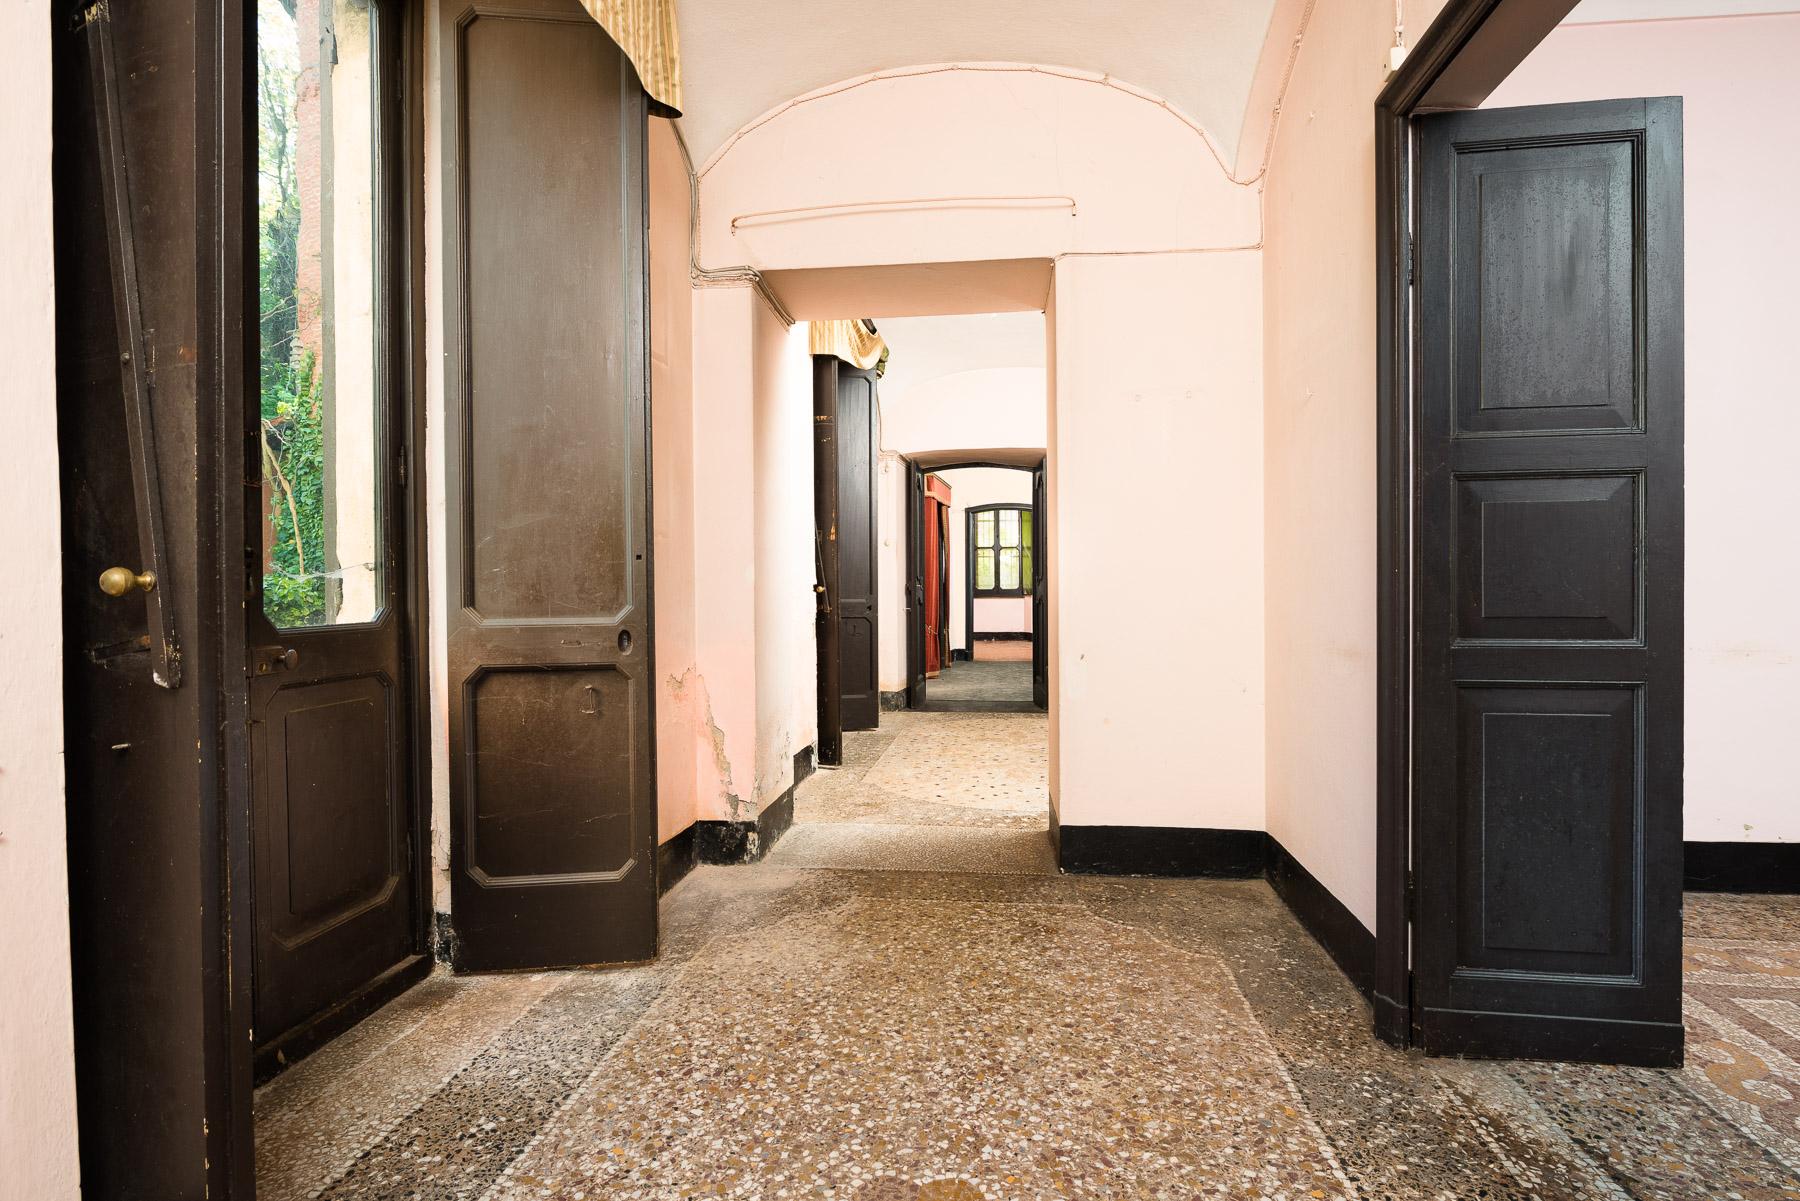 Villa in Vendita a Tagliolo Monferrato: 5 locali, 1350 mq - Foto 8